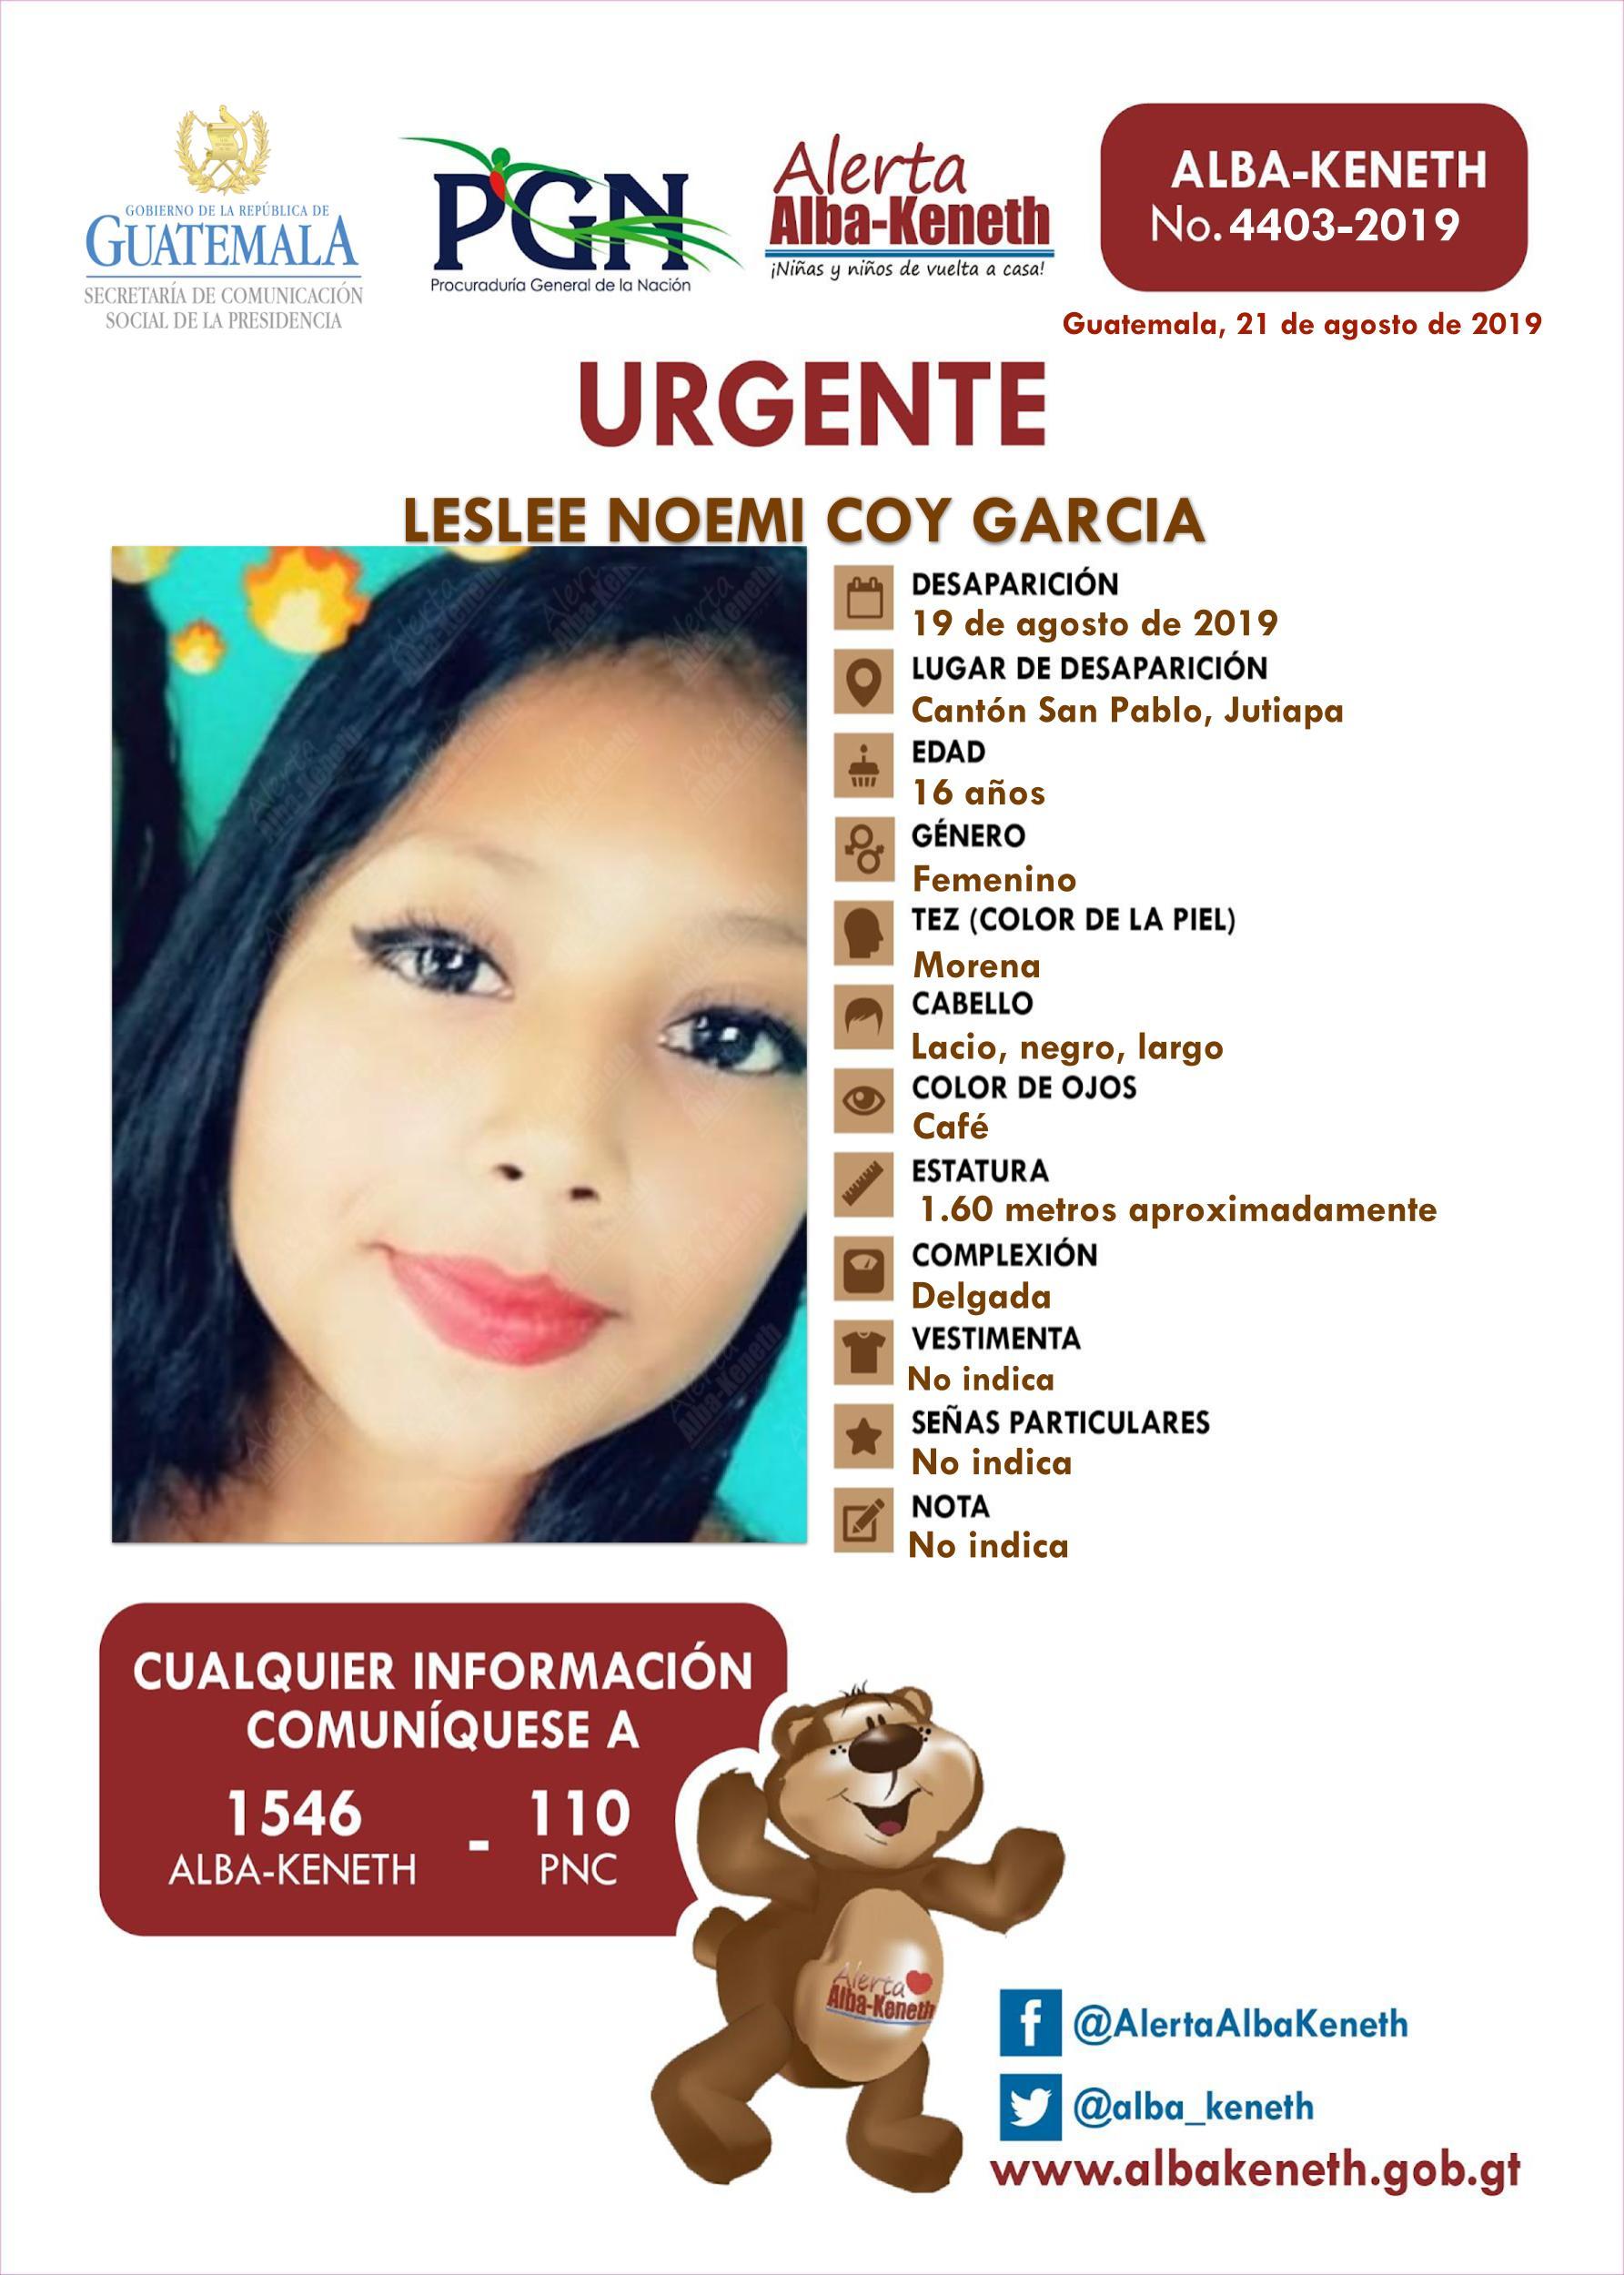 Leslee Noemi Coy Garcia